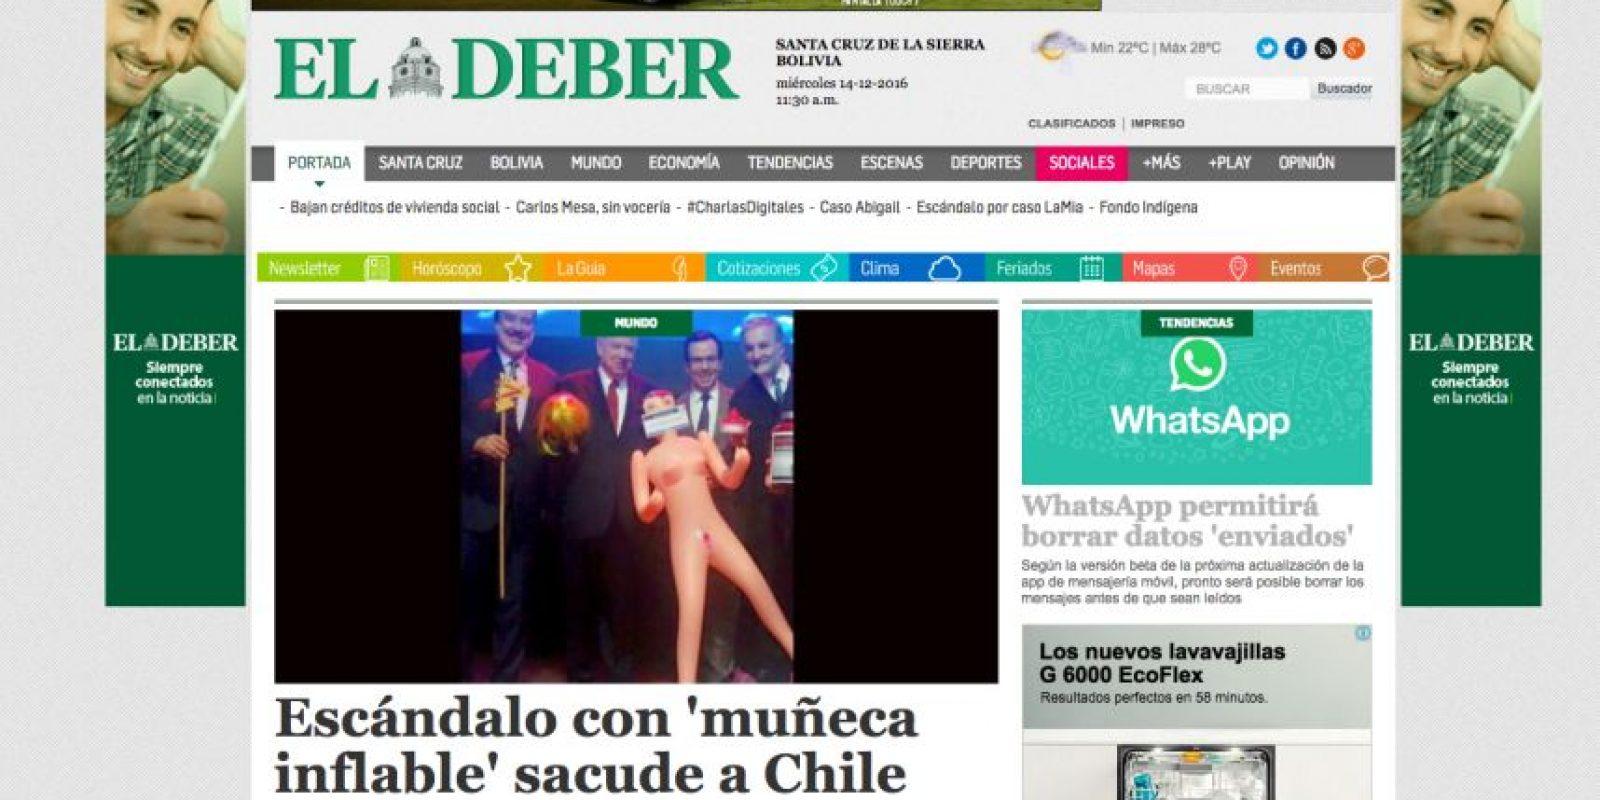 """El ministro Céspedes aseguró haber sido sorprendido con el regalo, pero indicó que """"pido disculpas. Lo ocurrido no se condice con el respeto por la dignidad las mujeres"""". Foto:Reproducción. Imagen Por:"""